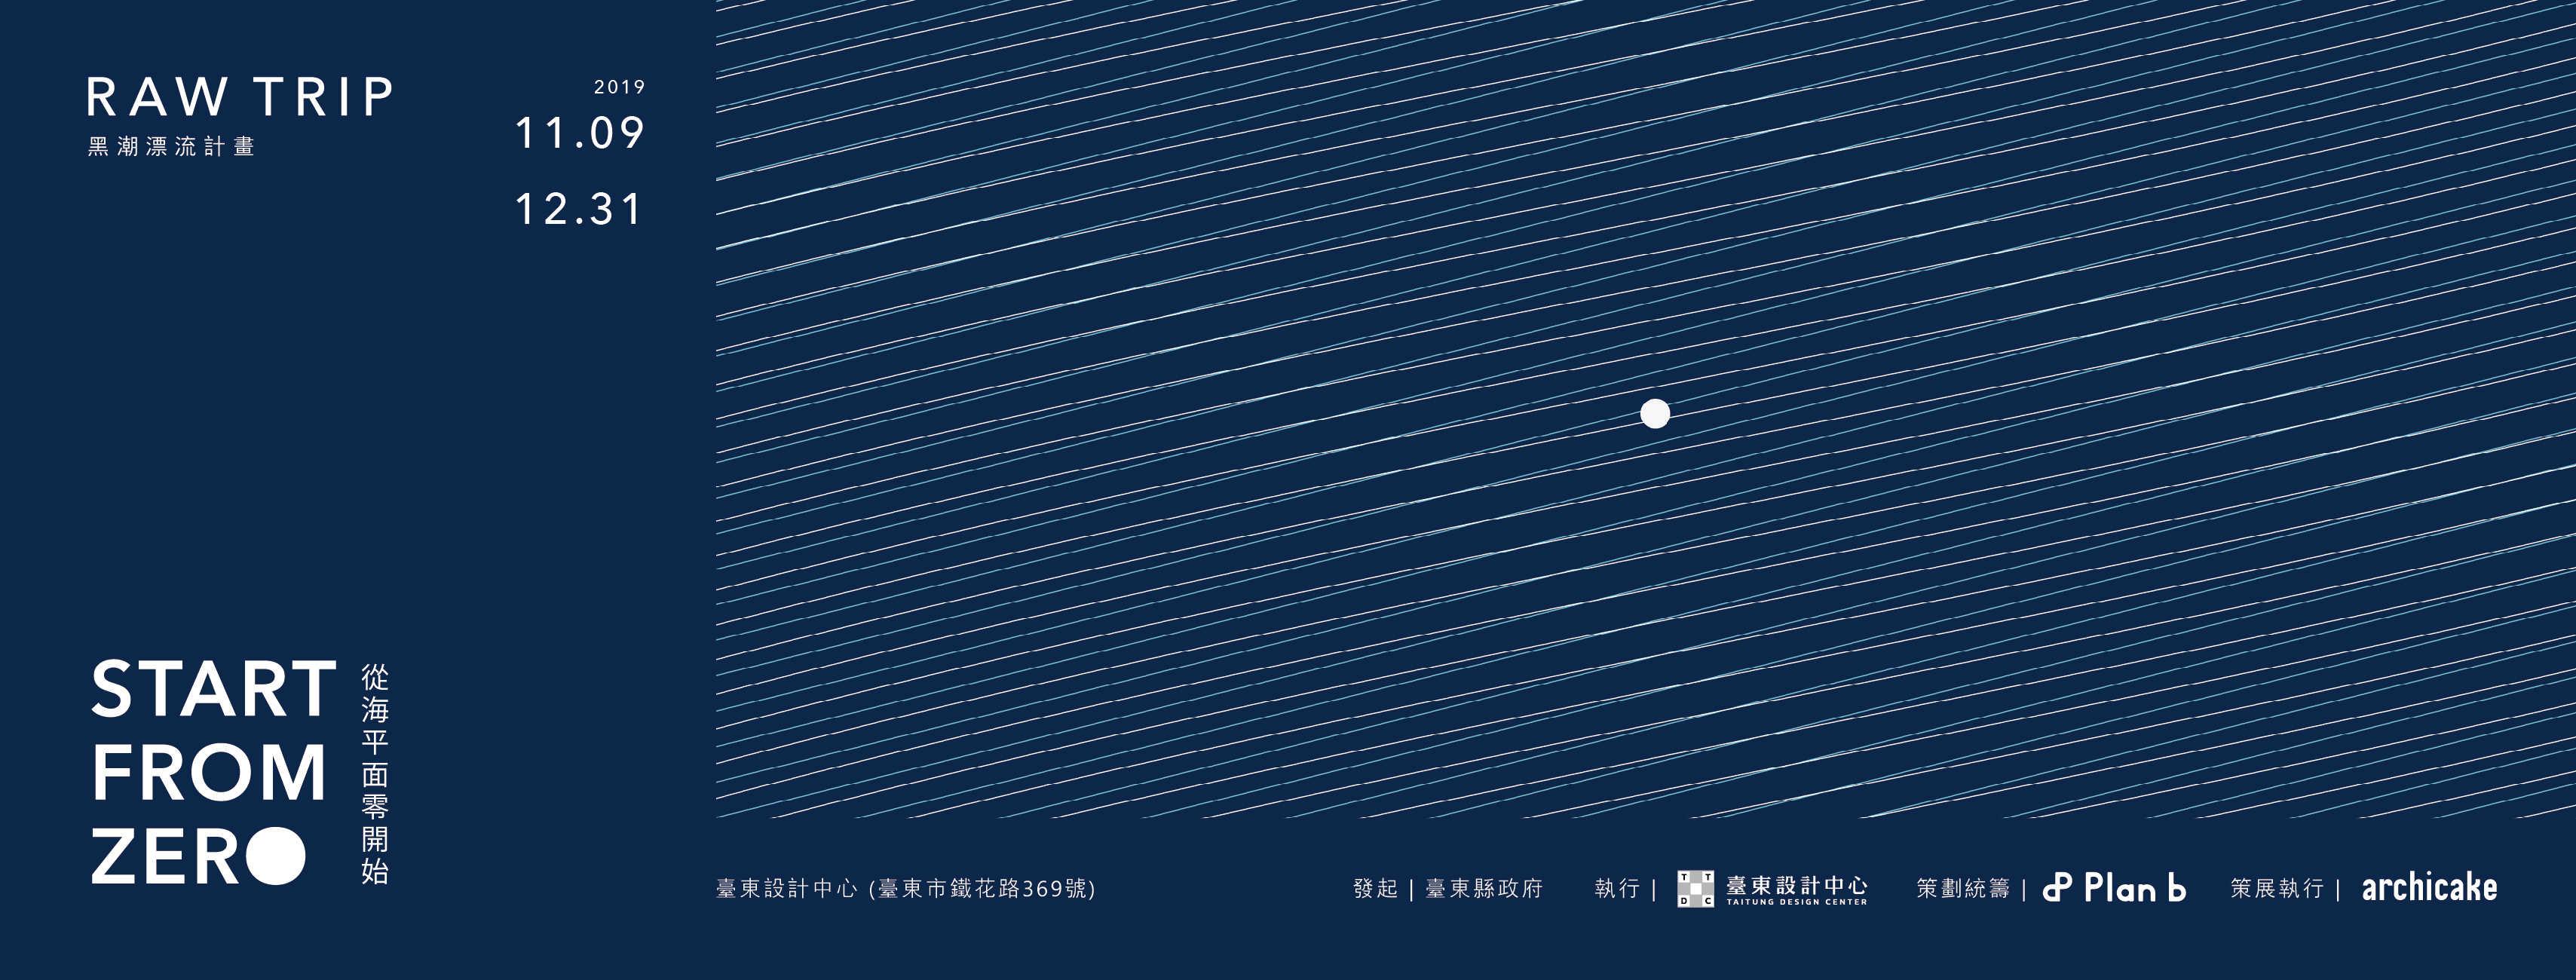 展覽公告|START FROM ZERO 從海平面零開始-RawTrip黑潮漂流計畫